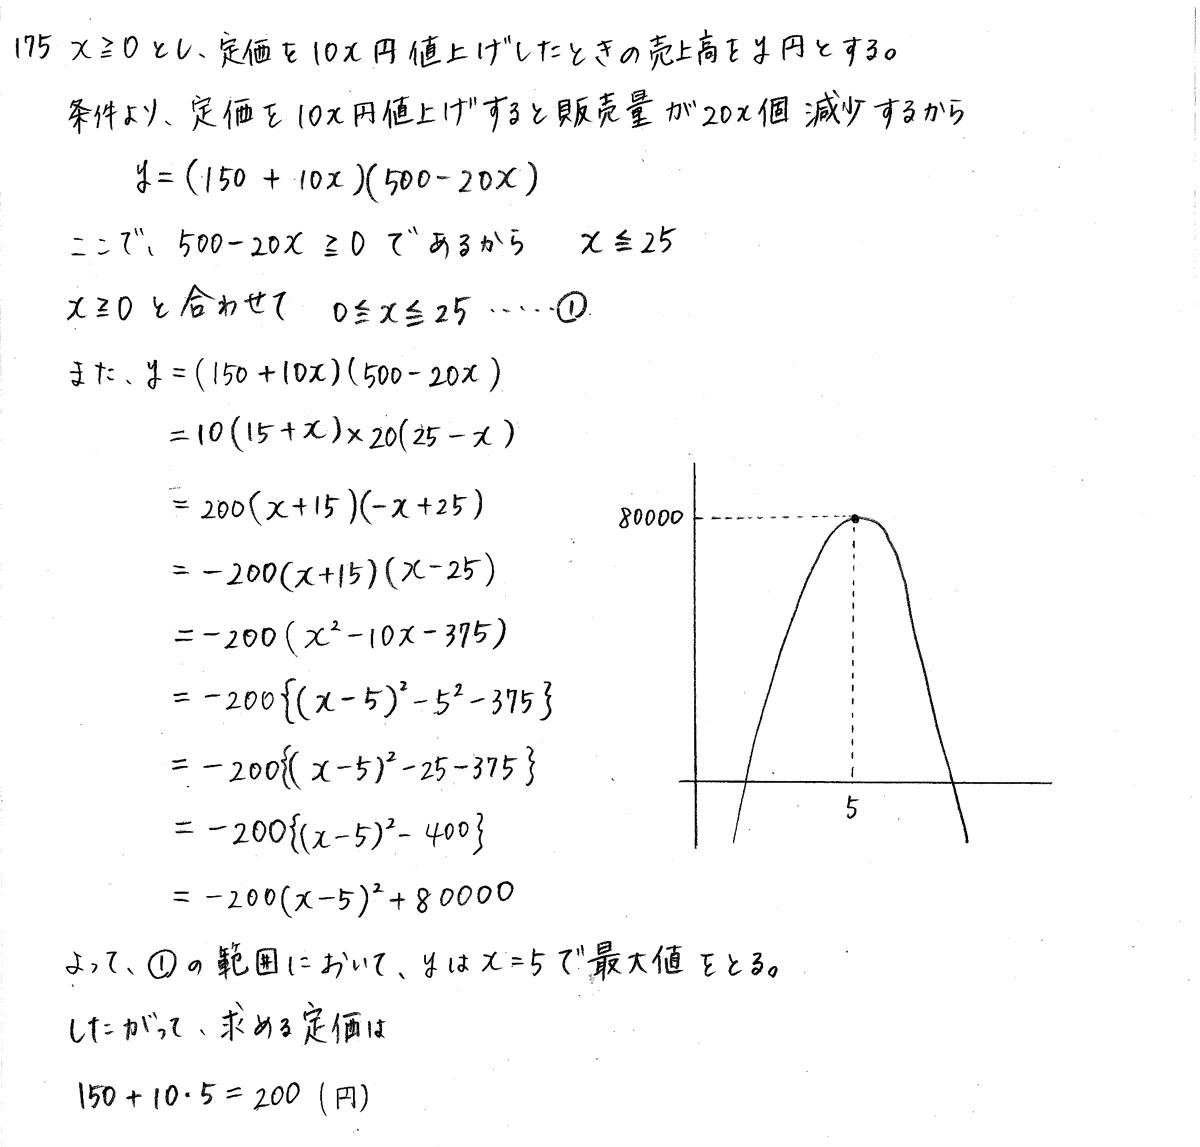 クリアー数学1-175解答